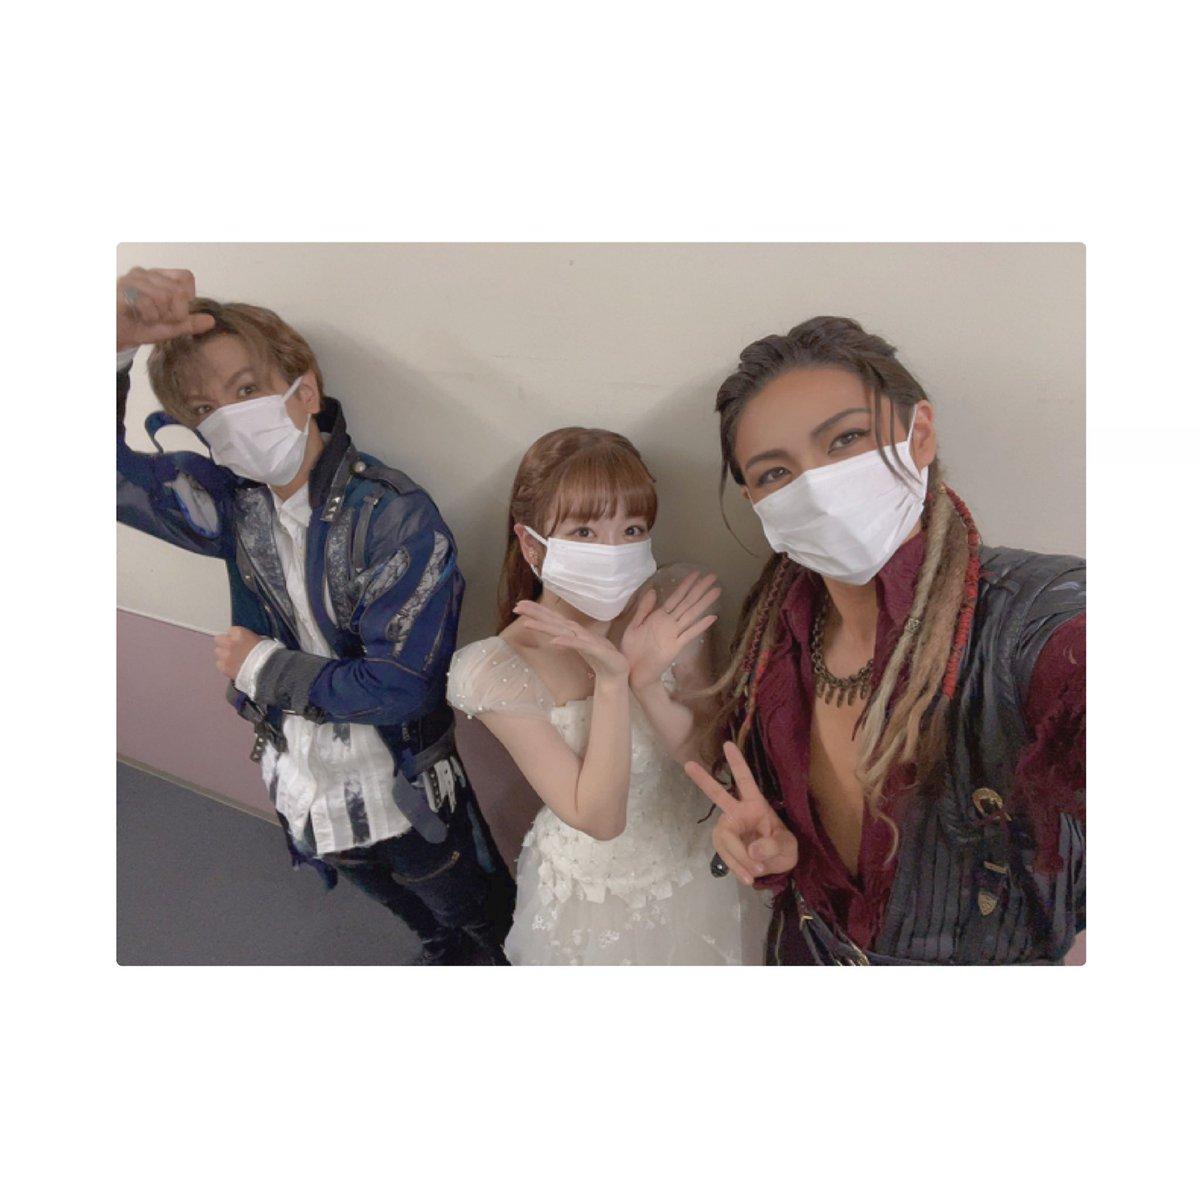 test ツイッターメディア - ロミオ&ジュリエット 大阪公演、全キャスト 初日を迎えられました! 本当に幸せです 前日、観劇しながら この素晴らしいキャストの皆さんと 大好きな劇場でご一緒できていること この作品に関われていること ジュリエットとして 日々、生きられていることが 心の底から幸せだなと感じていました。 https://t.co/qYExTYlA15